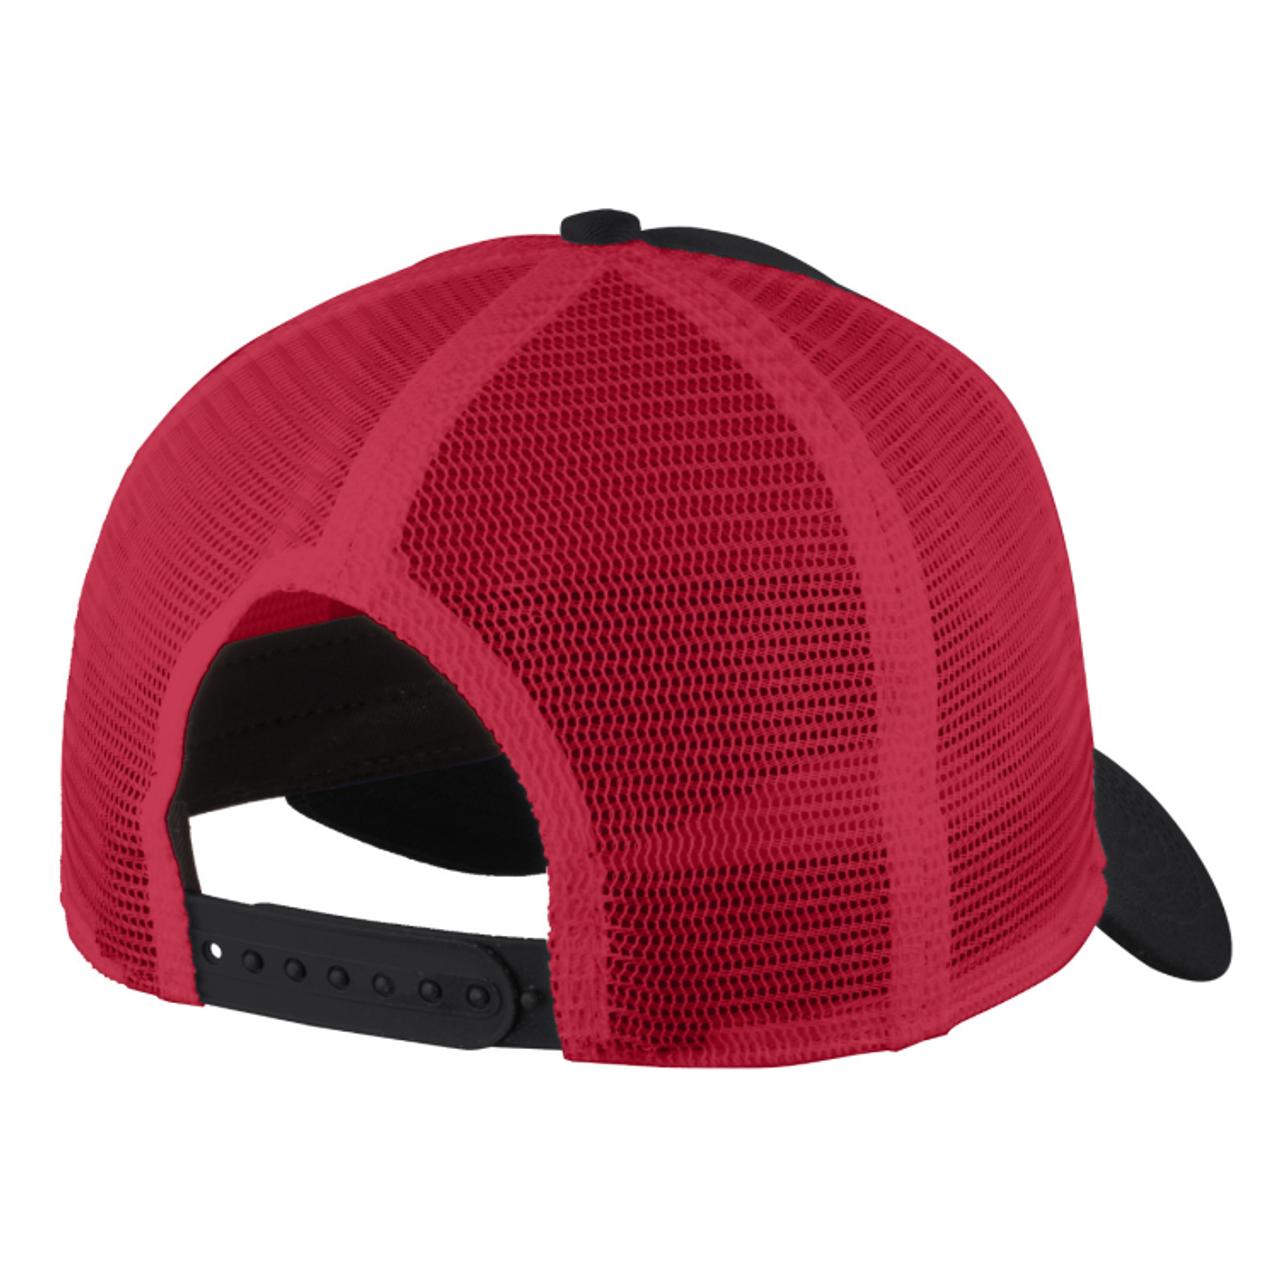 Gentlemen of Aspen Mesh Back Adjustable Hat